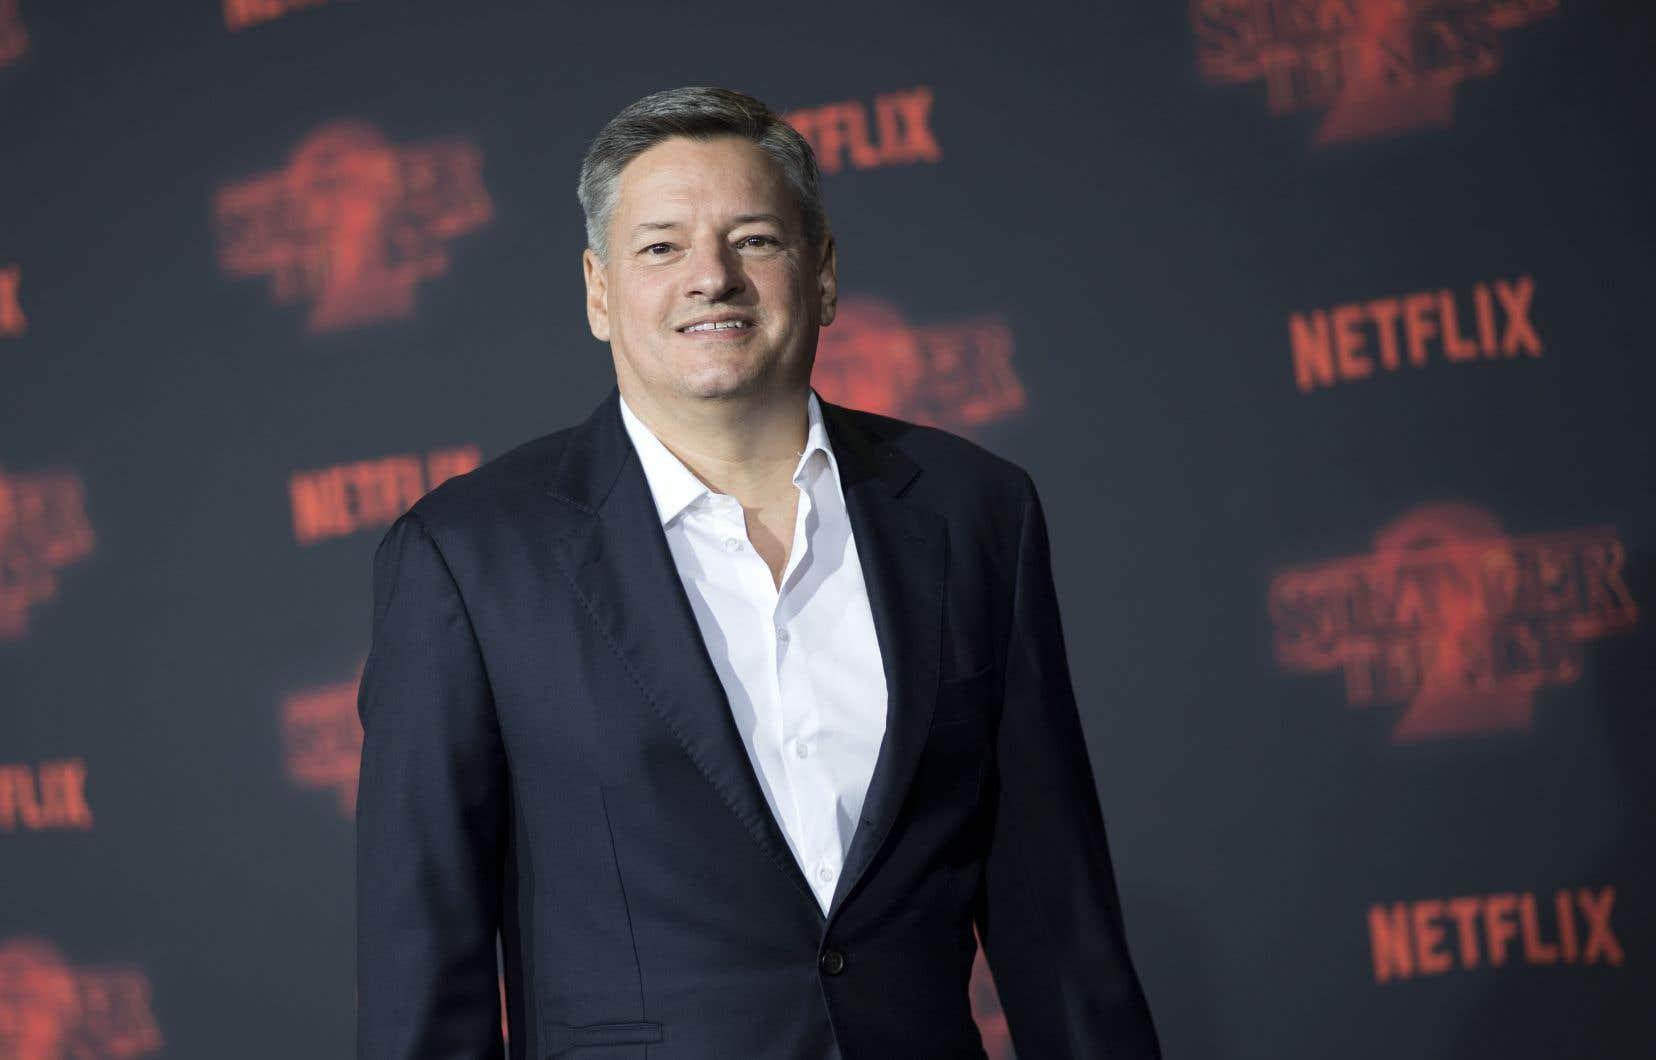 Le directeur des contenus de Netflix, Ted Sarandos